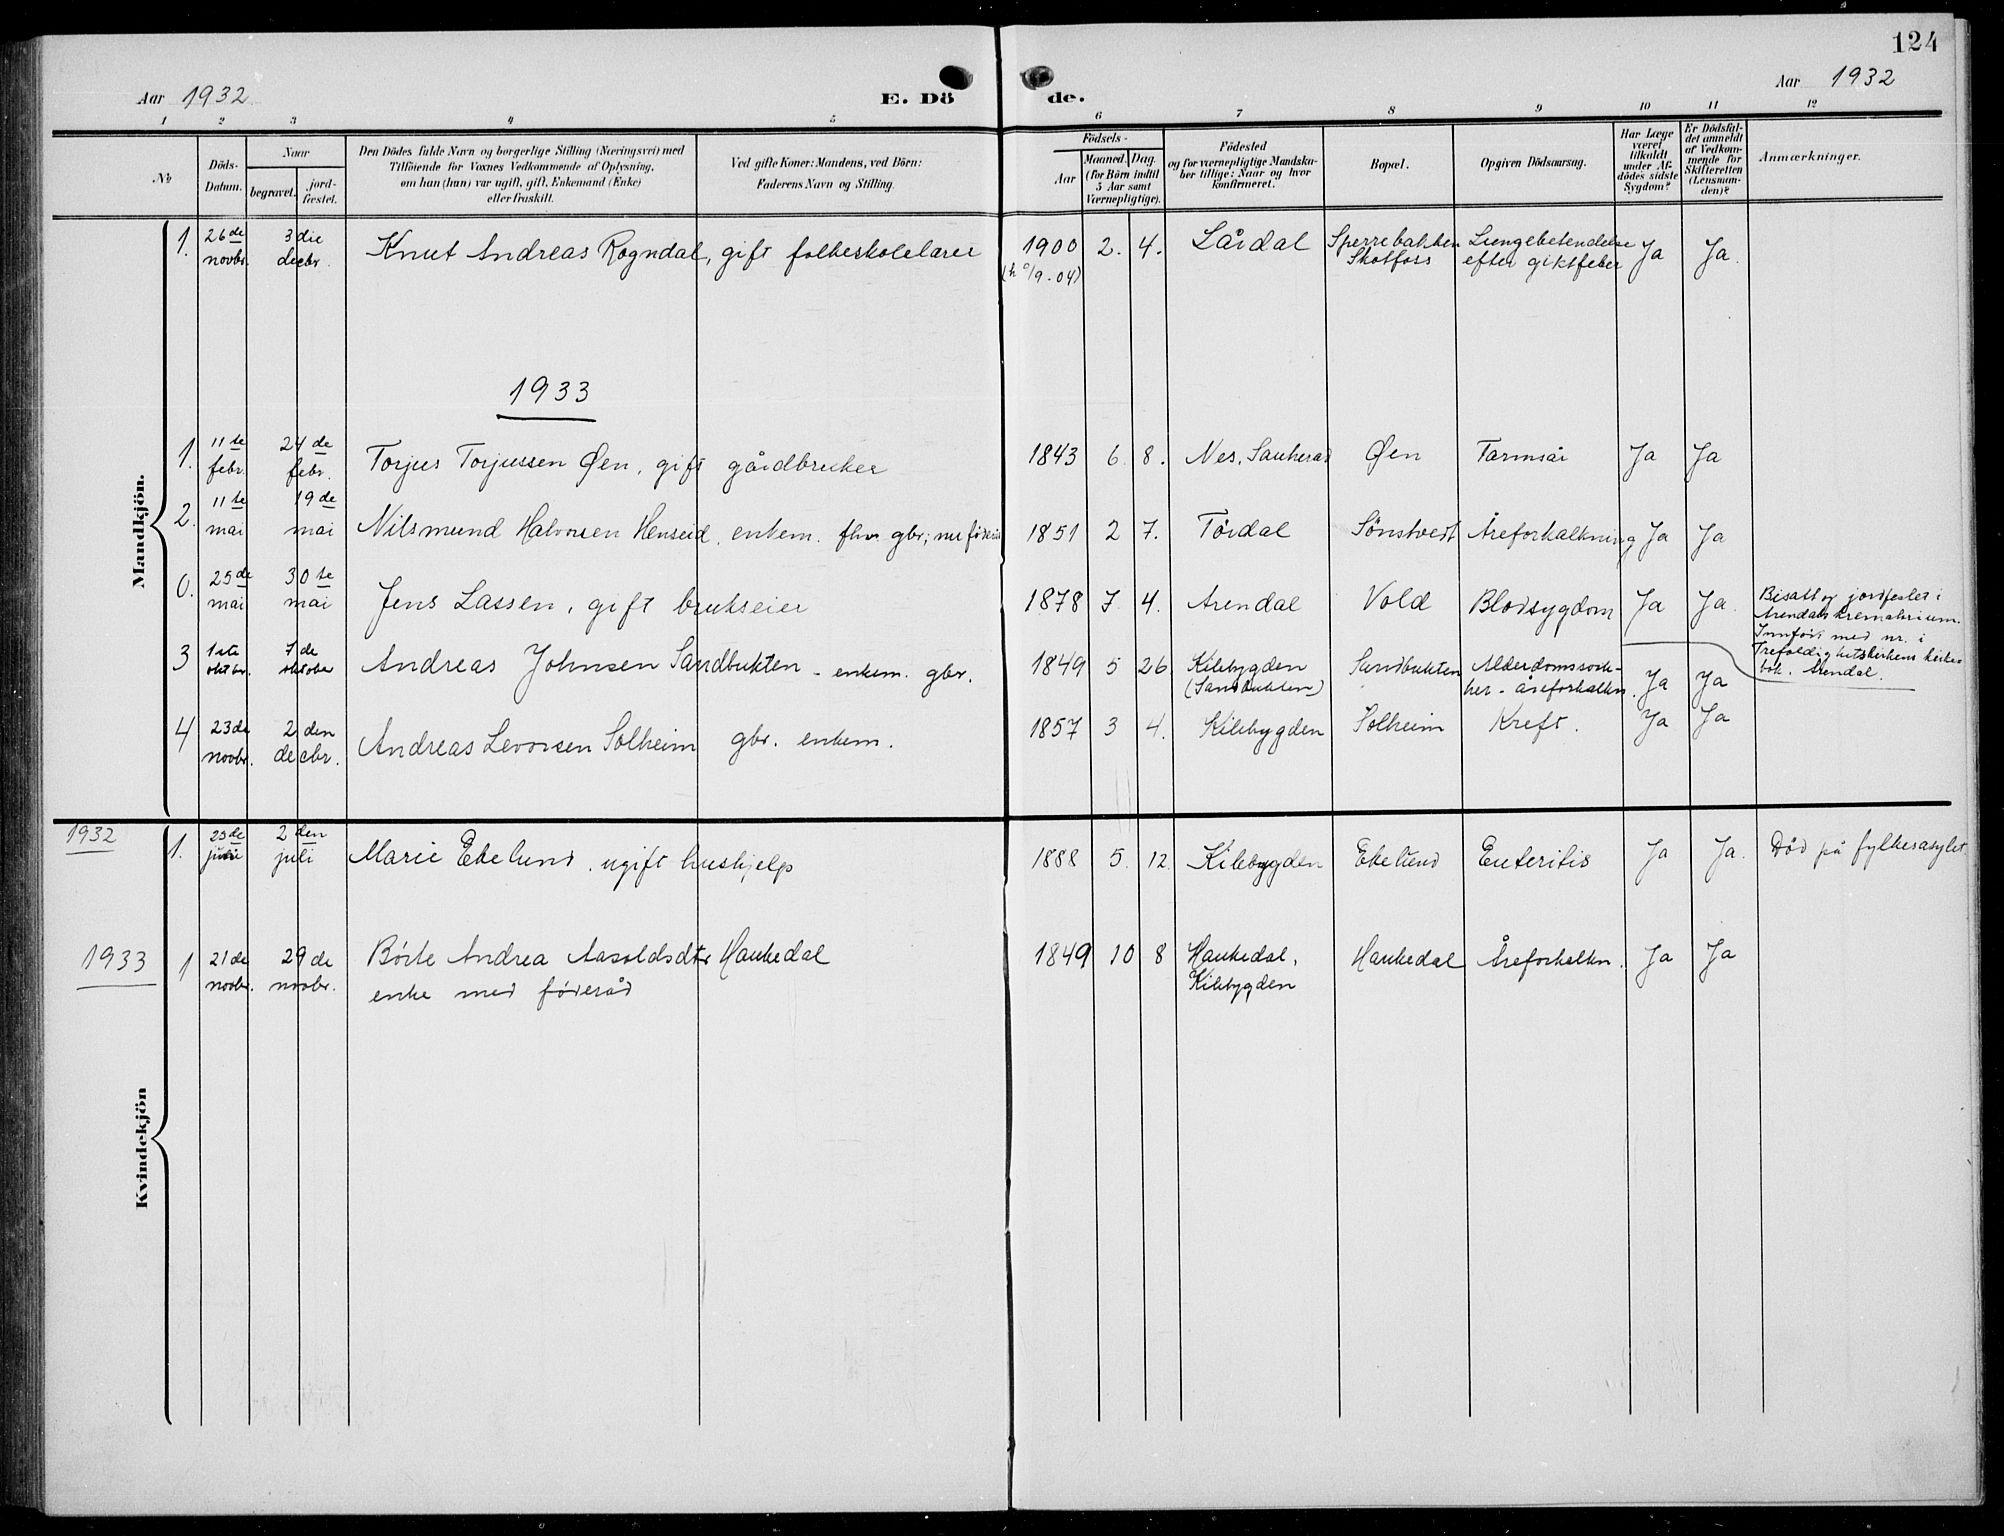 SAKO, Solum kirkebøker, G/Gc/L0002: Klokkerbok nr. III 2, 1902-1934, s. 124